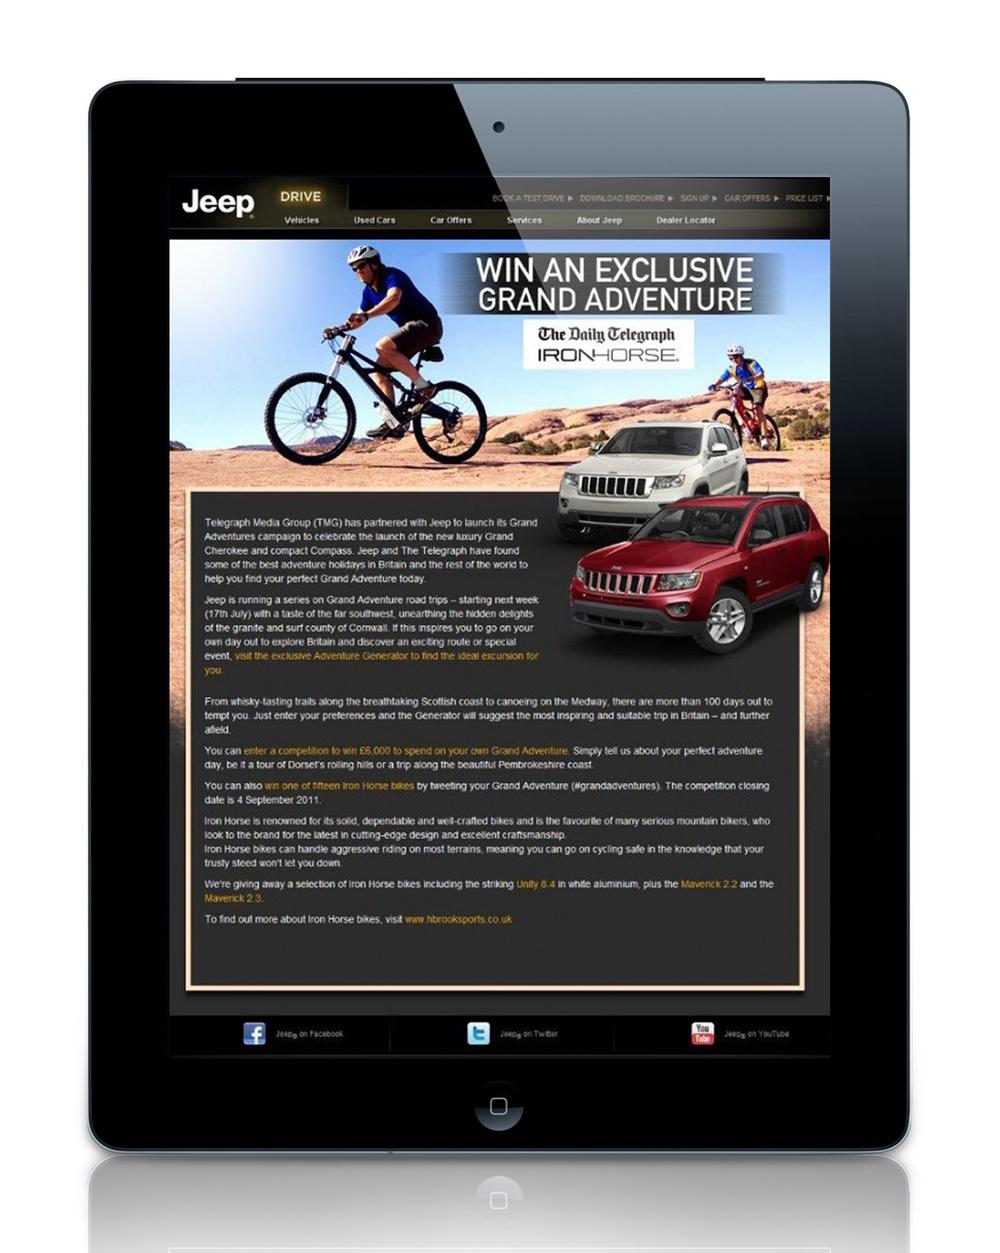 iPad_1 - jeep.jpg